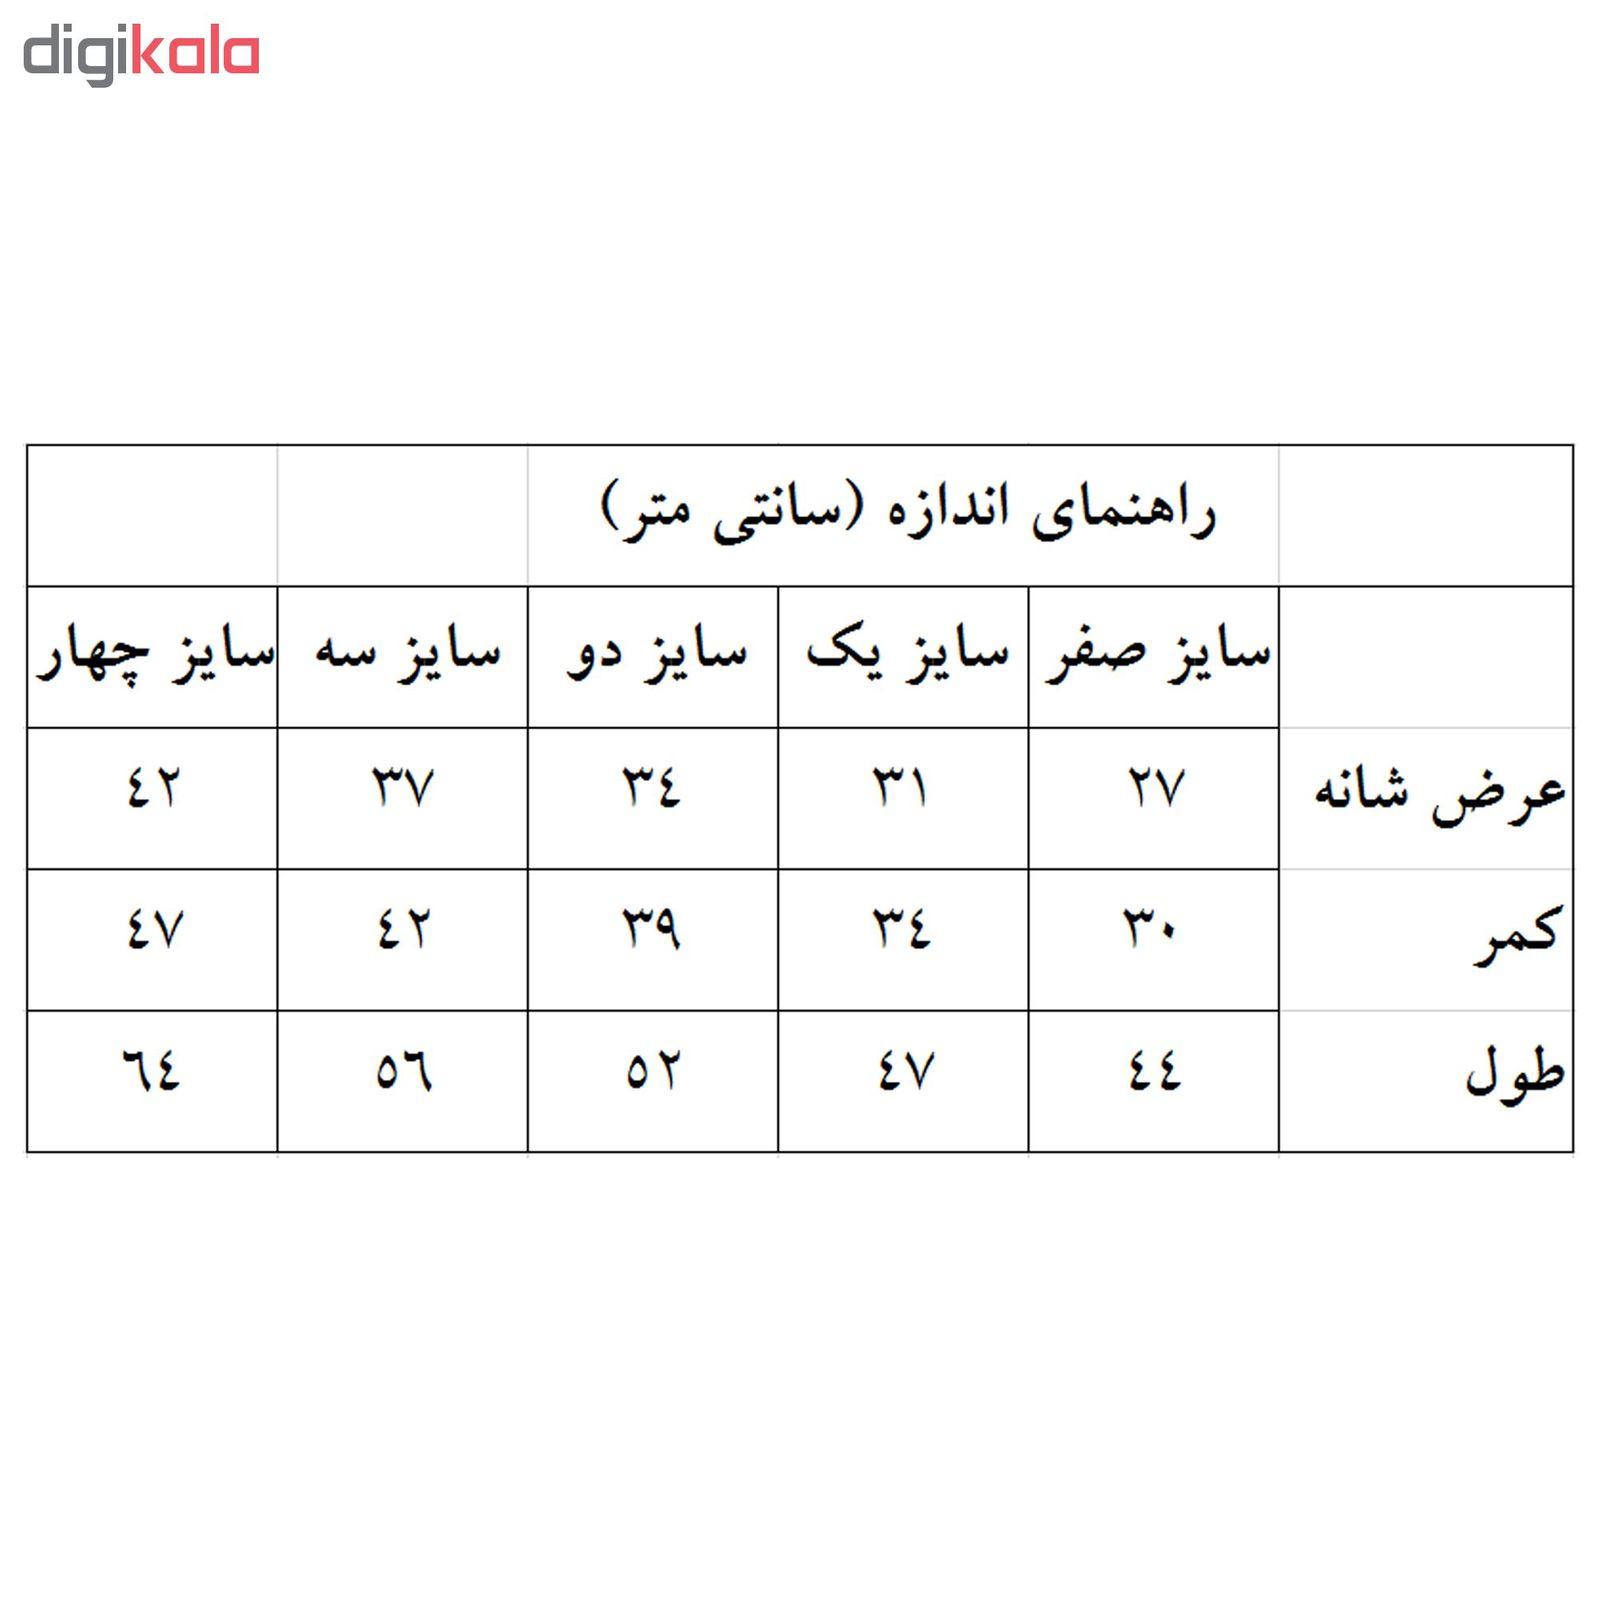 ست پیراهن و شورت ورزشی پسرانه طرح تیم ملی ایران کد 2020 main 1 1